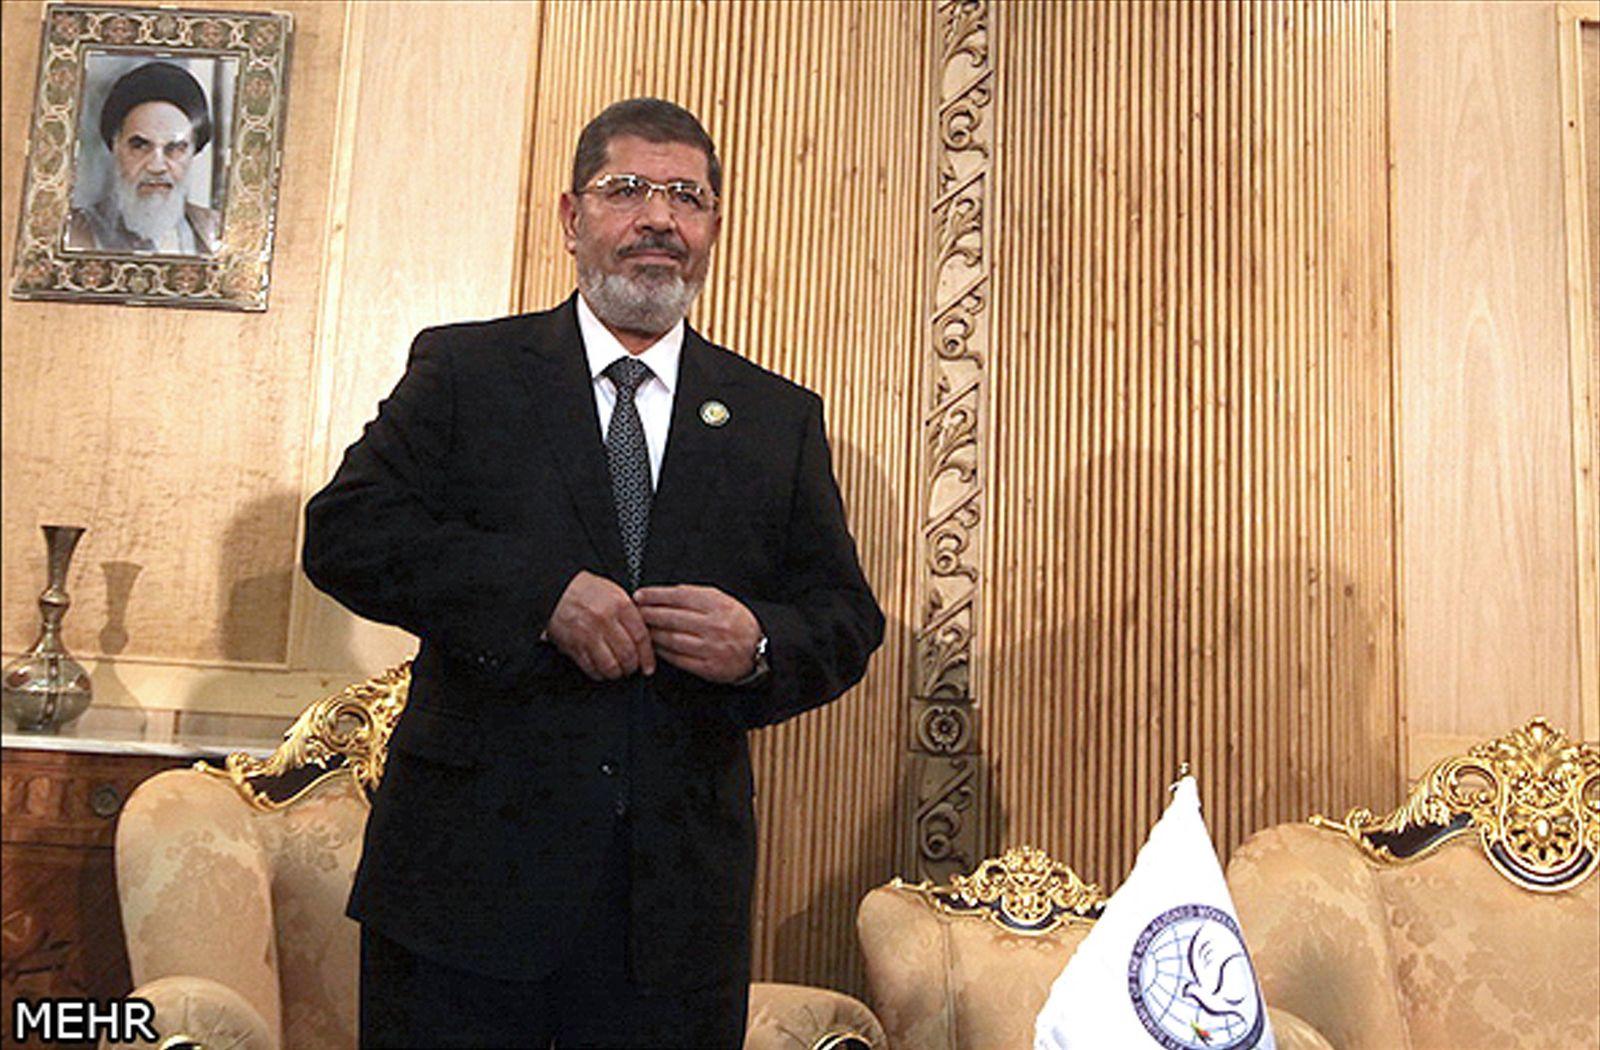 Mohammed Mursi / Iran